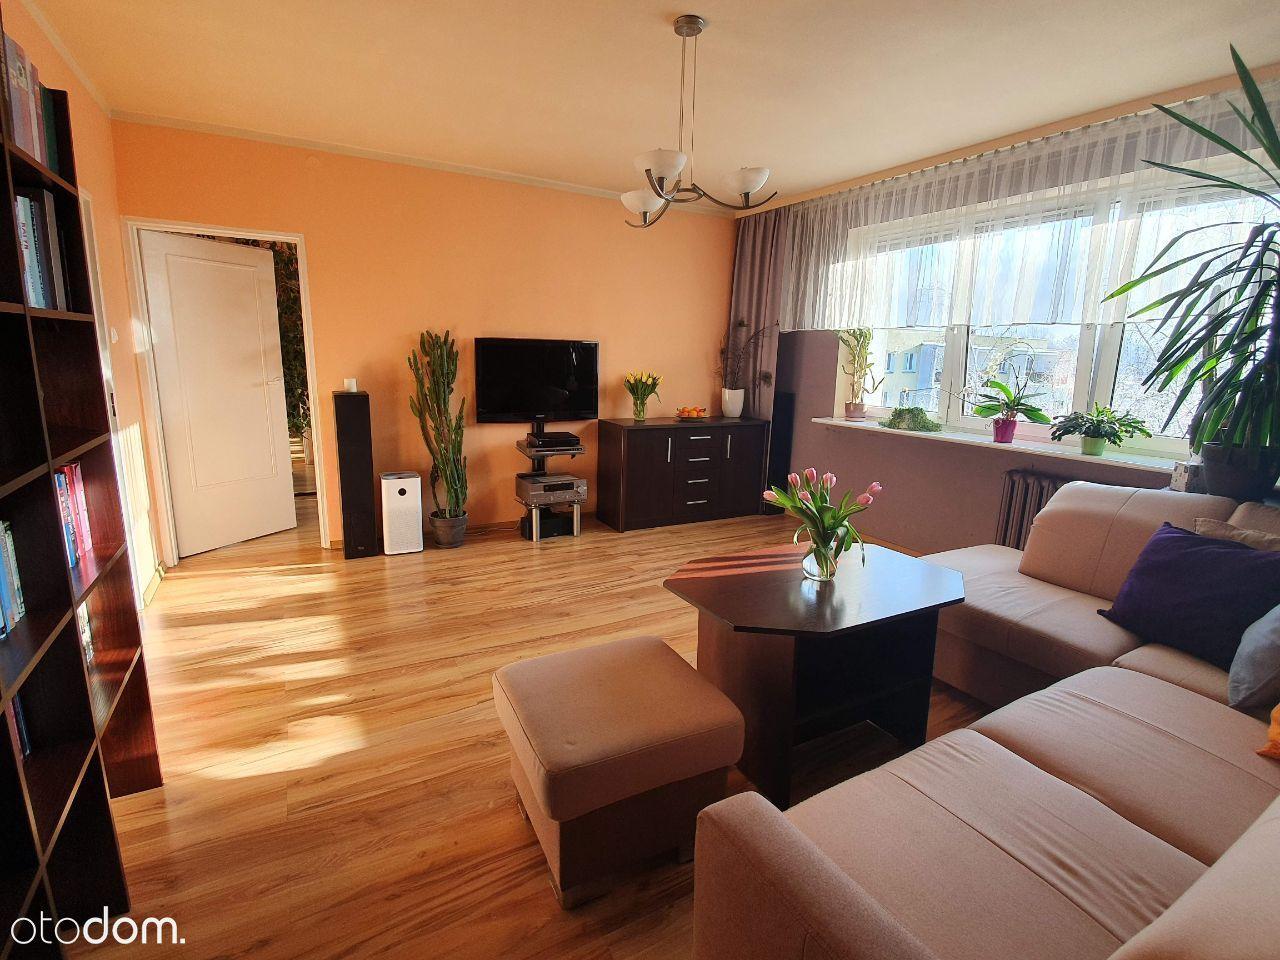 Słoneczne i przestronne mieszkanie w Koziegłowach